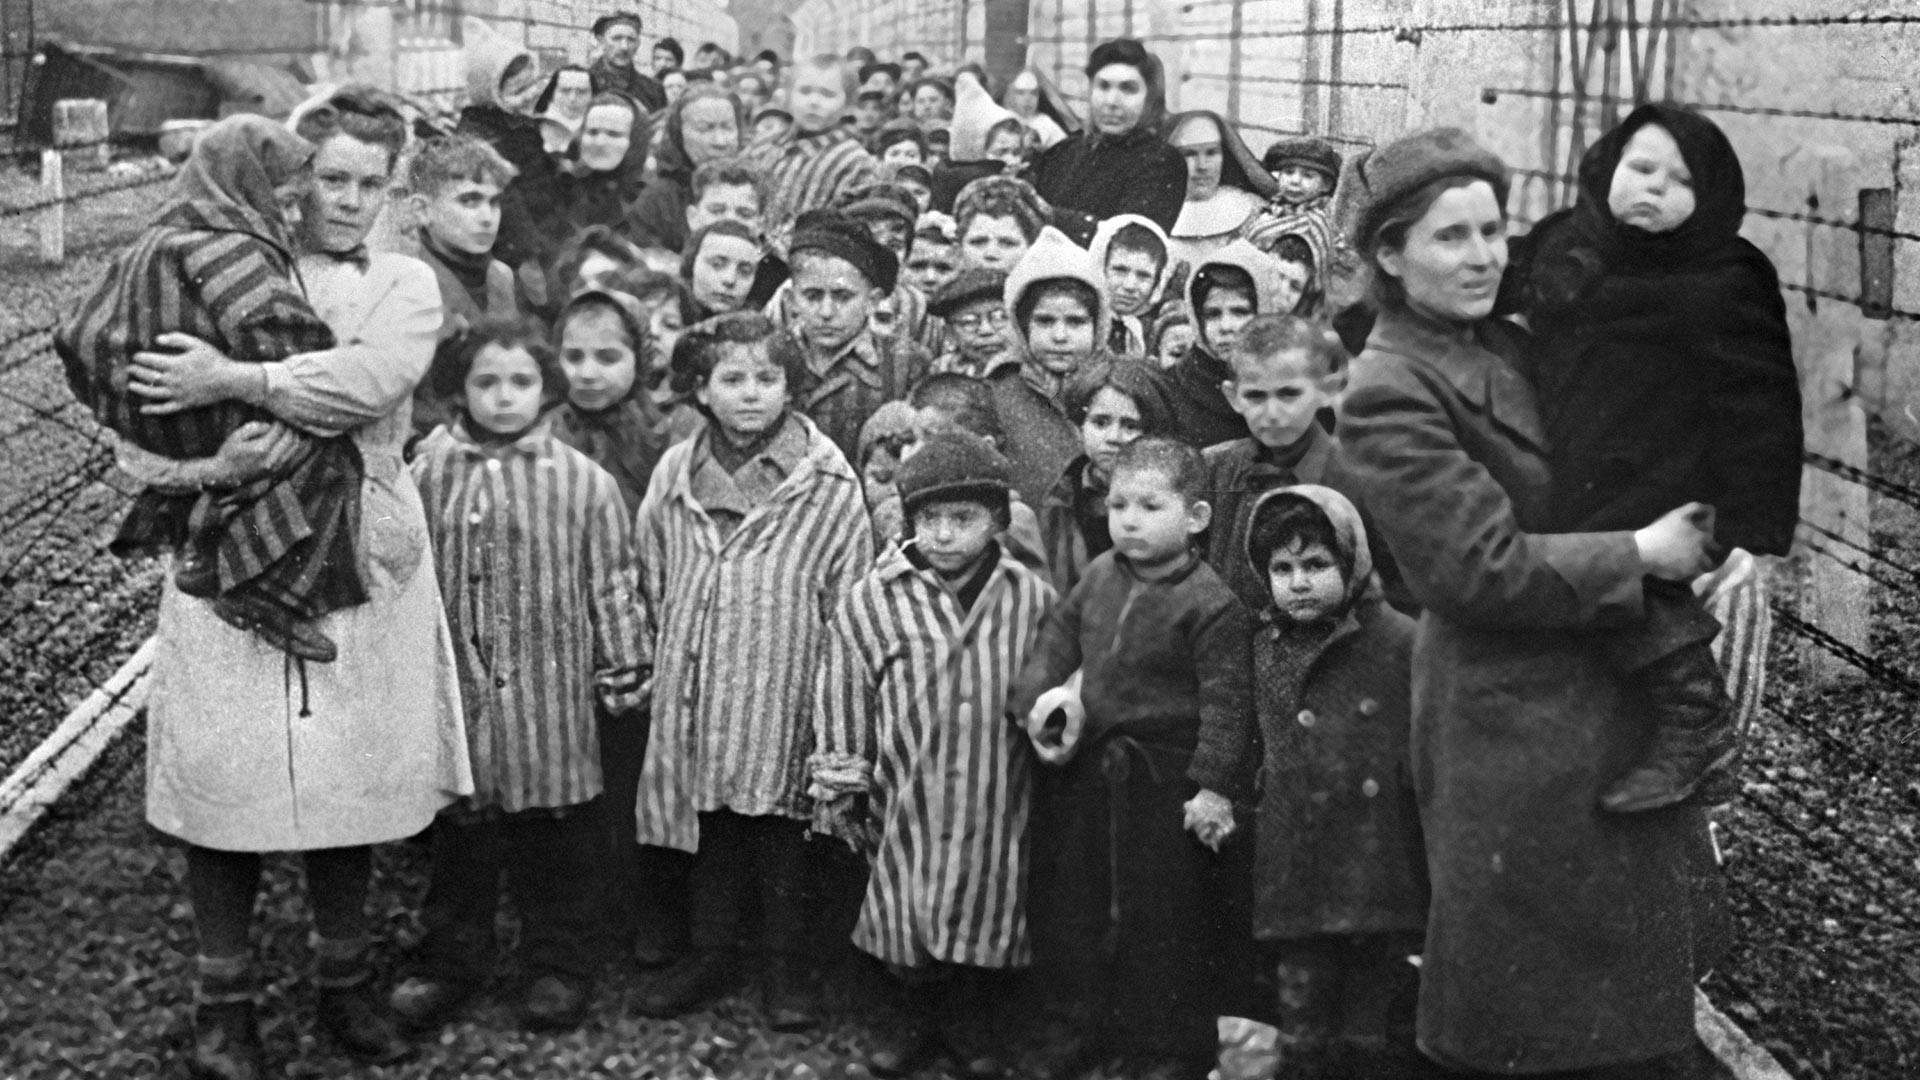 赤軍に解放された直後のオシフェンチム(アウシュビッツ)絶滅収容所の囚人らとソ連の医師ら、および赤十字の代表者ら。1945年2月初旬。